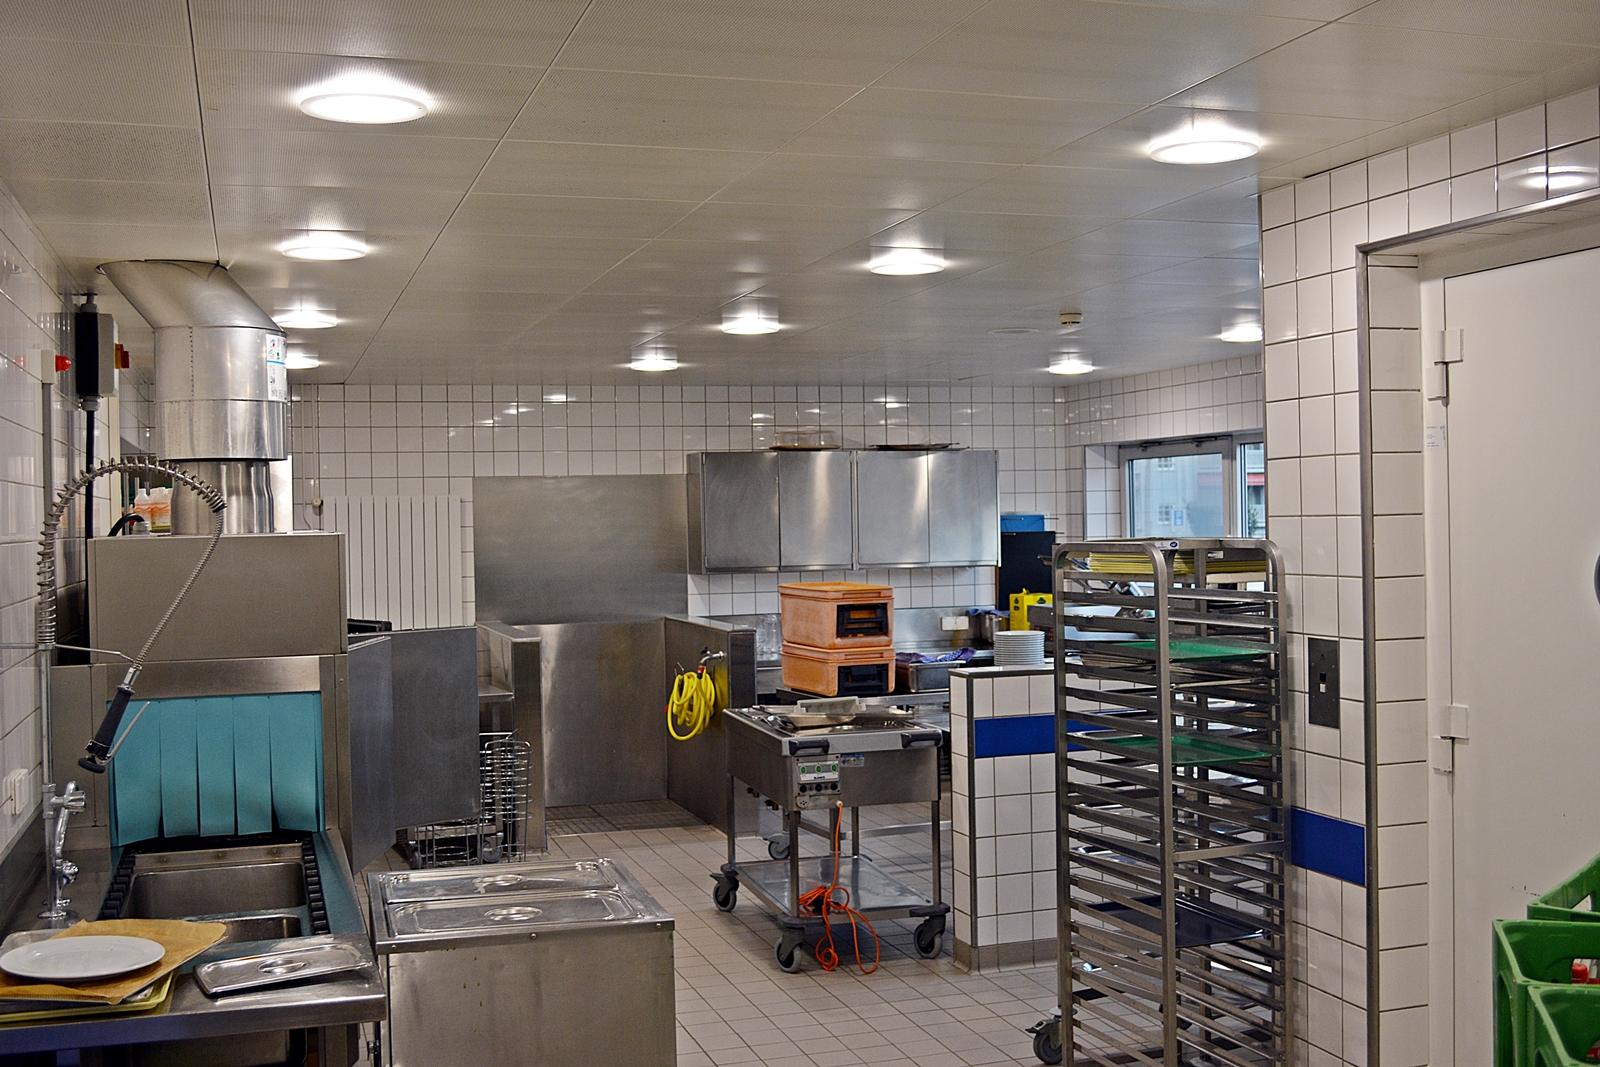 Full Size of Industrie Küche Reinigen Industrie Küche Kaufen Gleichzeitigkeitsfaktor Industrie Küche Beleuchtung Industrie Küche Küche Industrie Küche